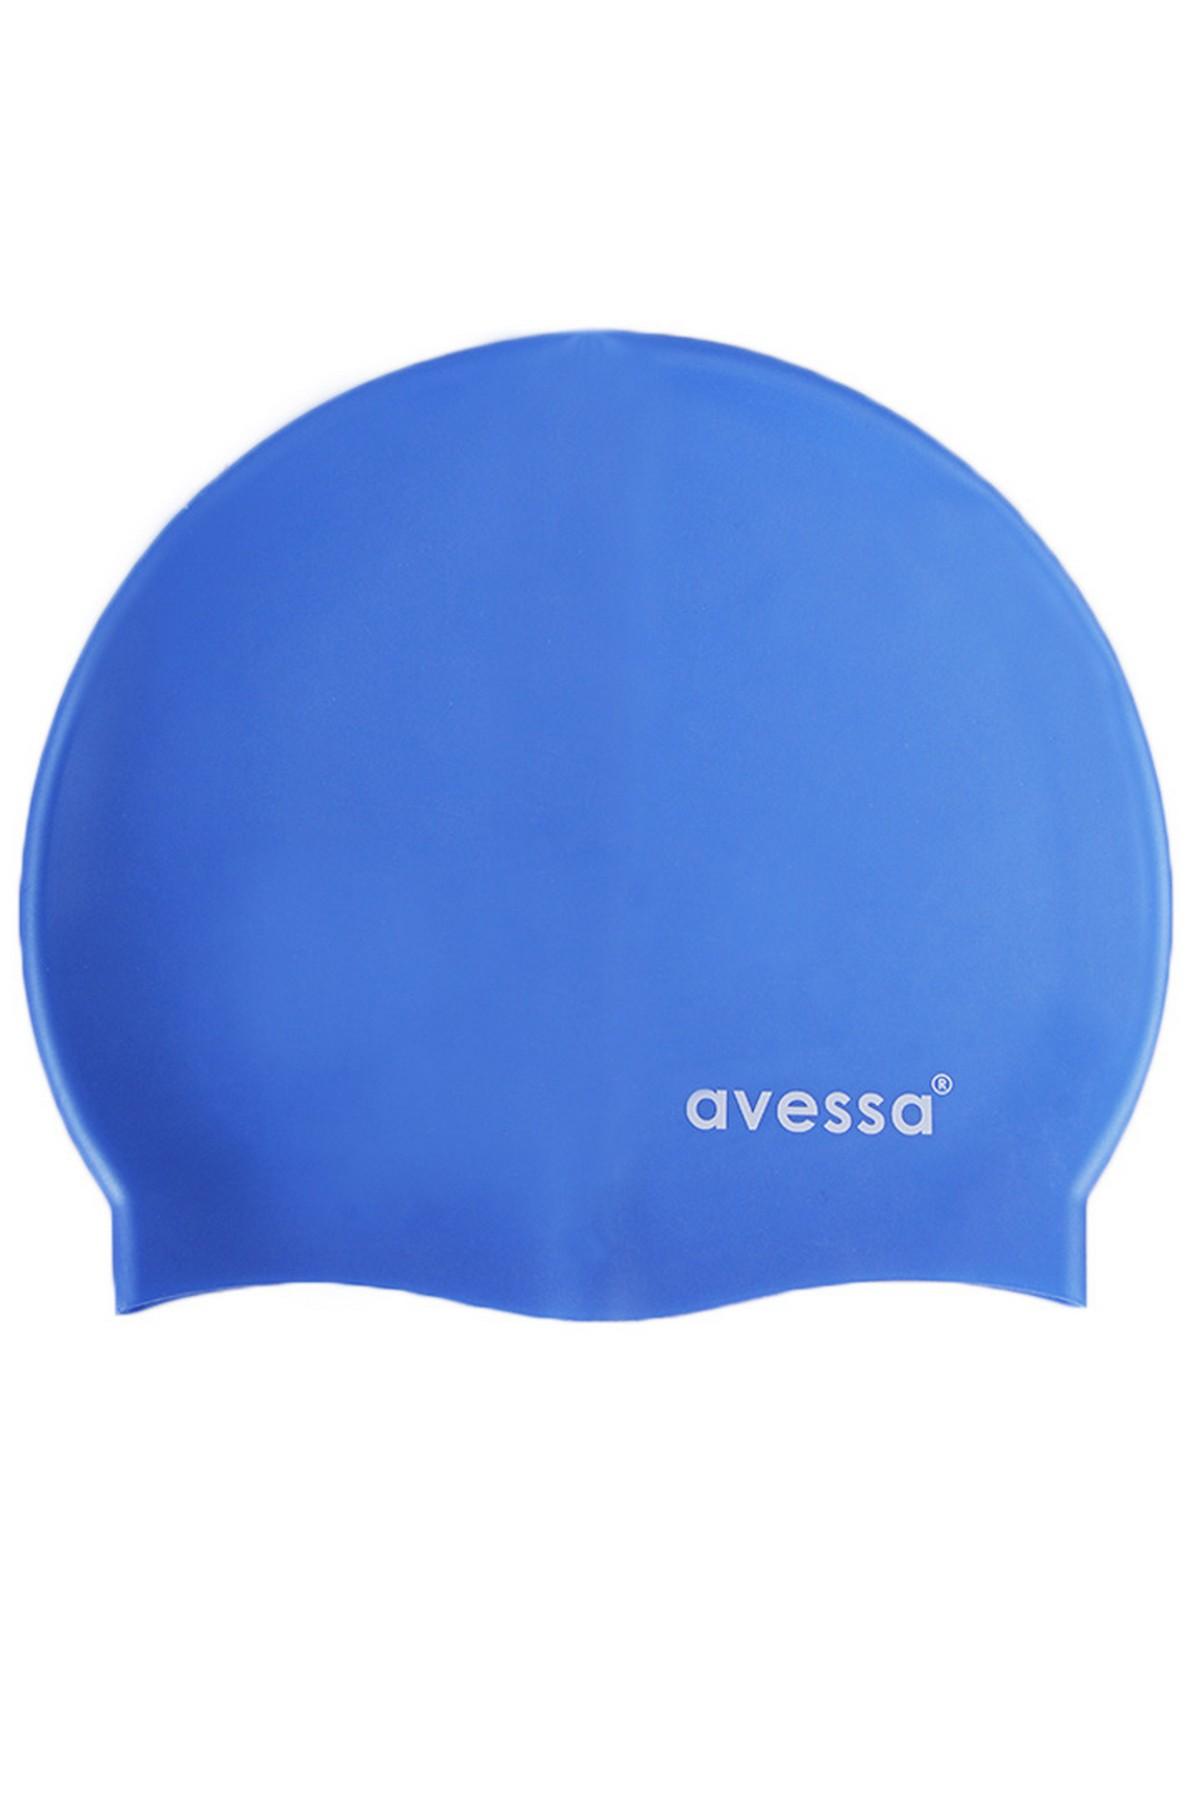 Avessa SC605